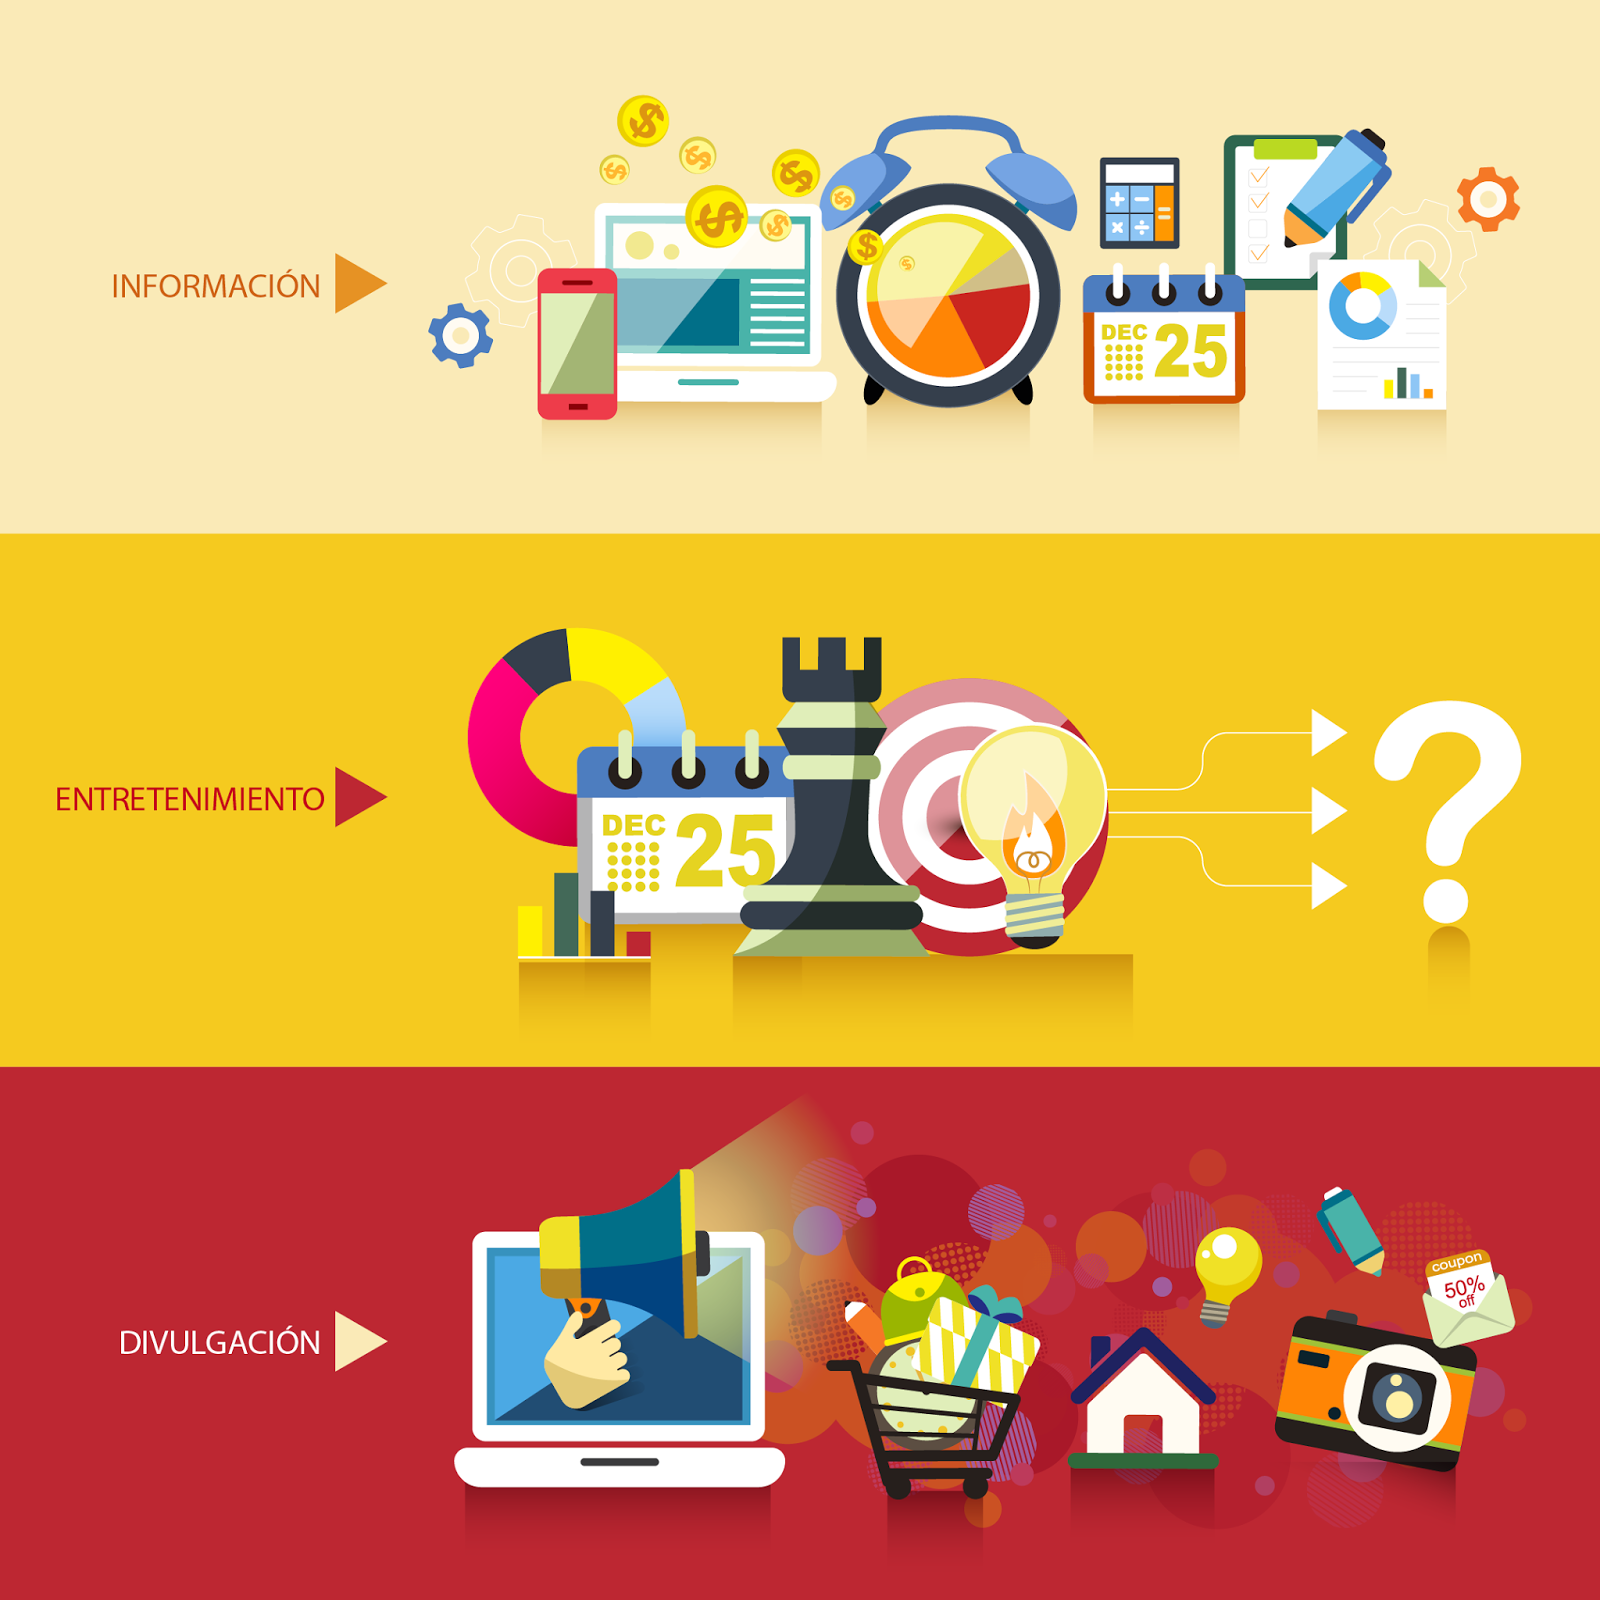 El Marketing de Contenidos ¿Debe ser interesante o divertido? Tipos de contenidos.